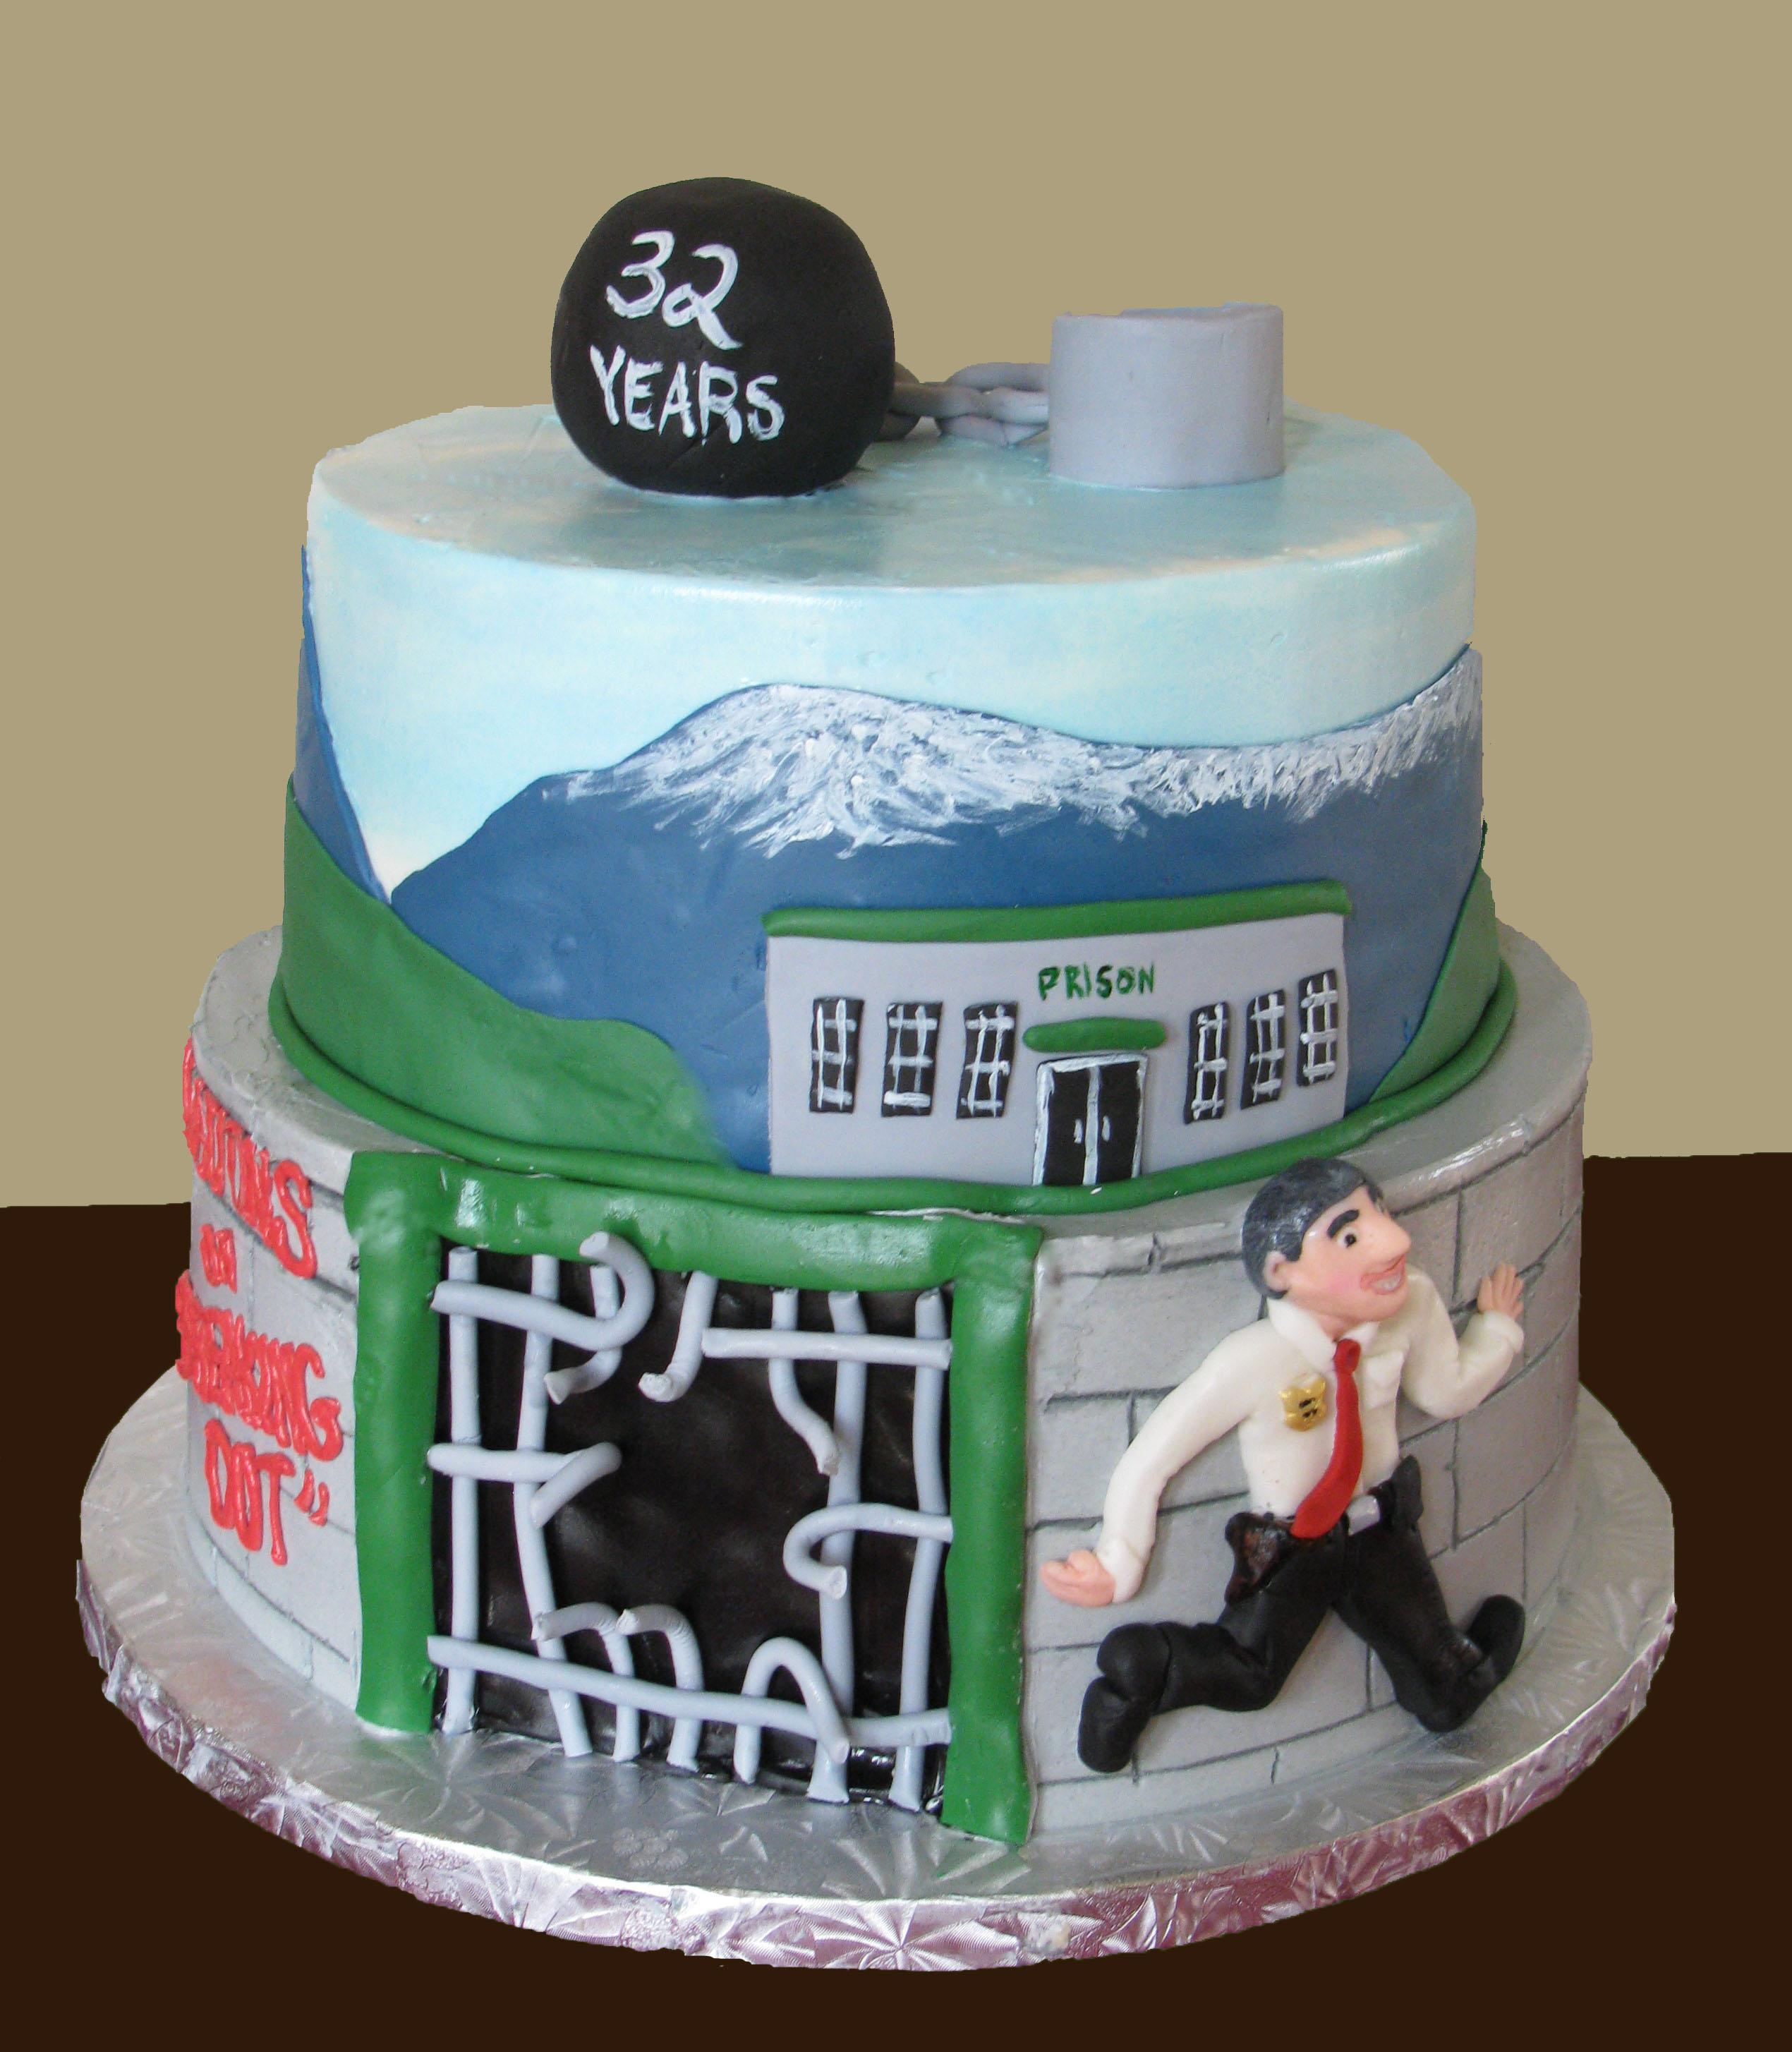 12 Photos of Law Enforcement Retirement Cakes